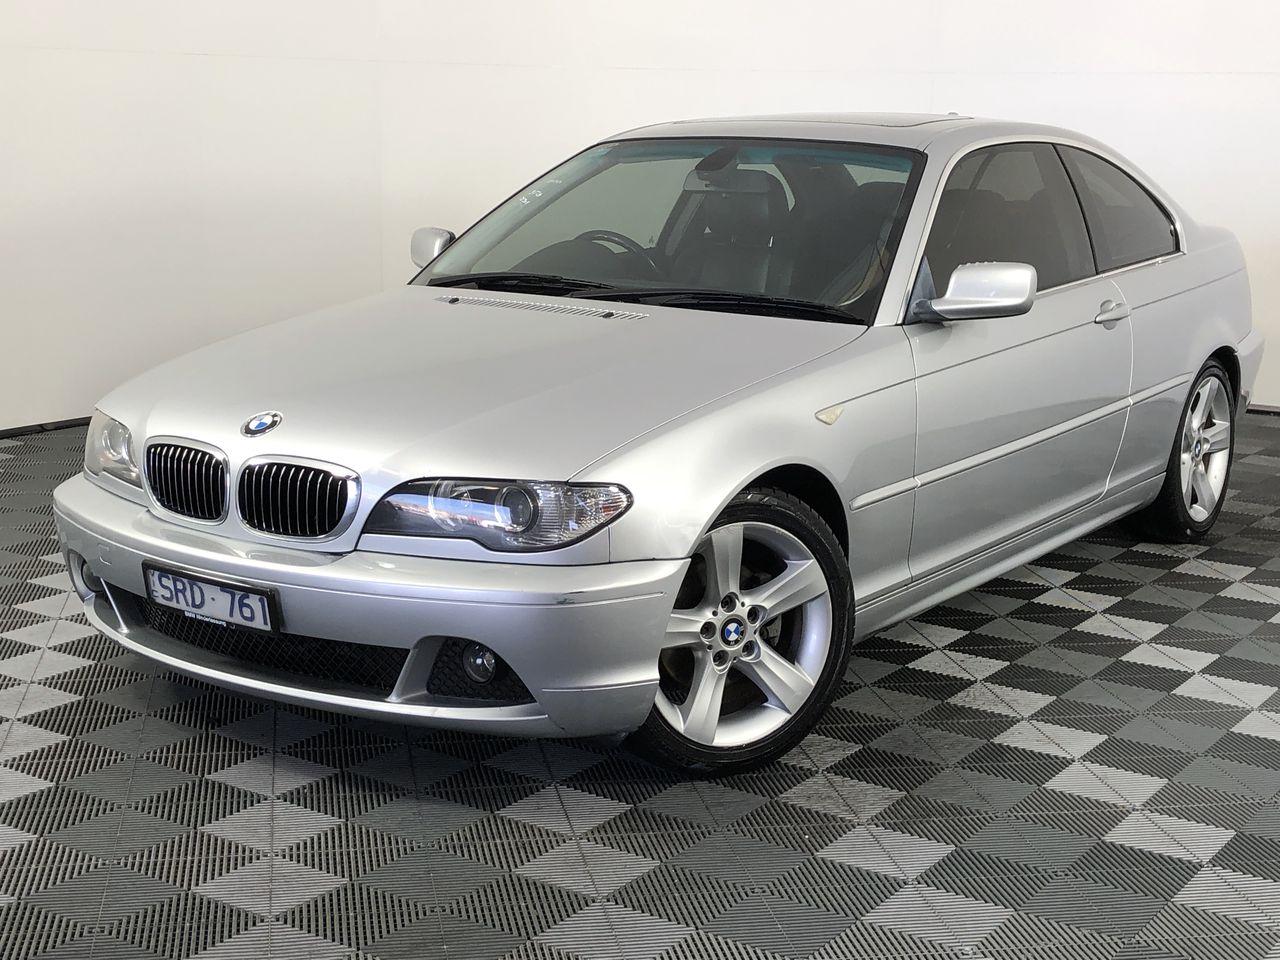 2004 BMW 320Ci E46 Automatic Coupe